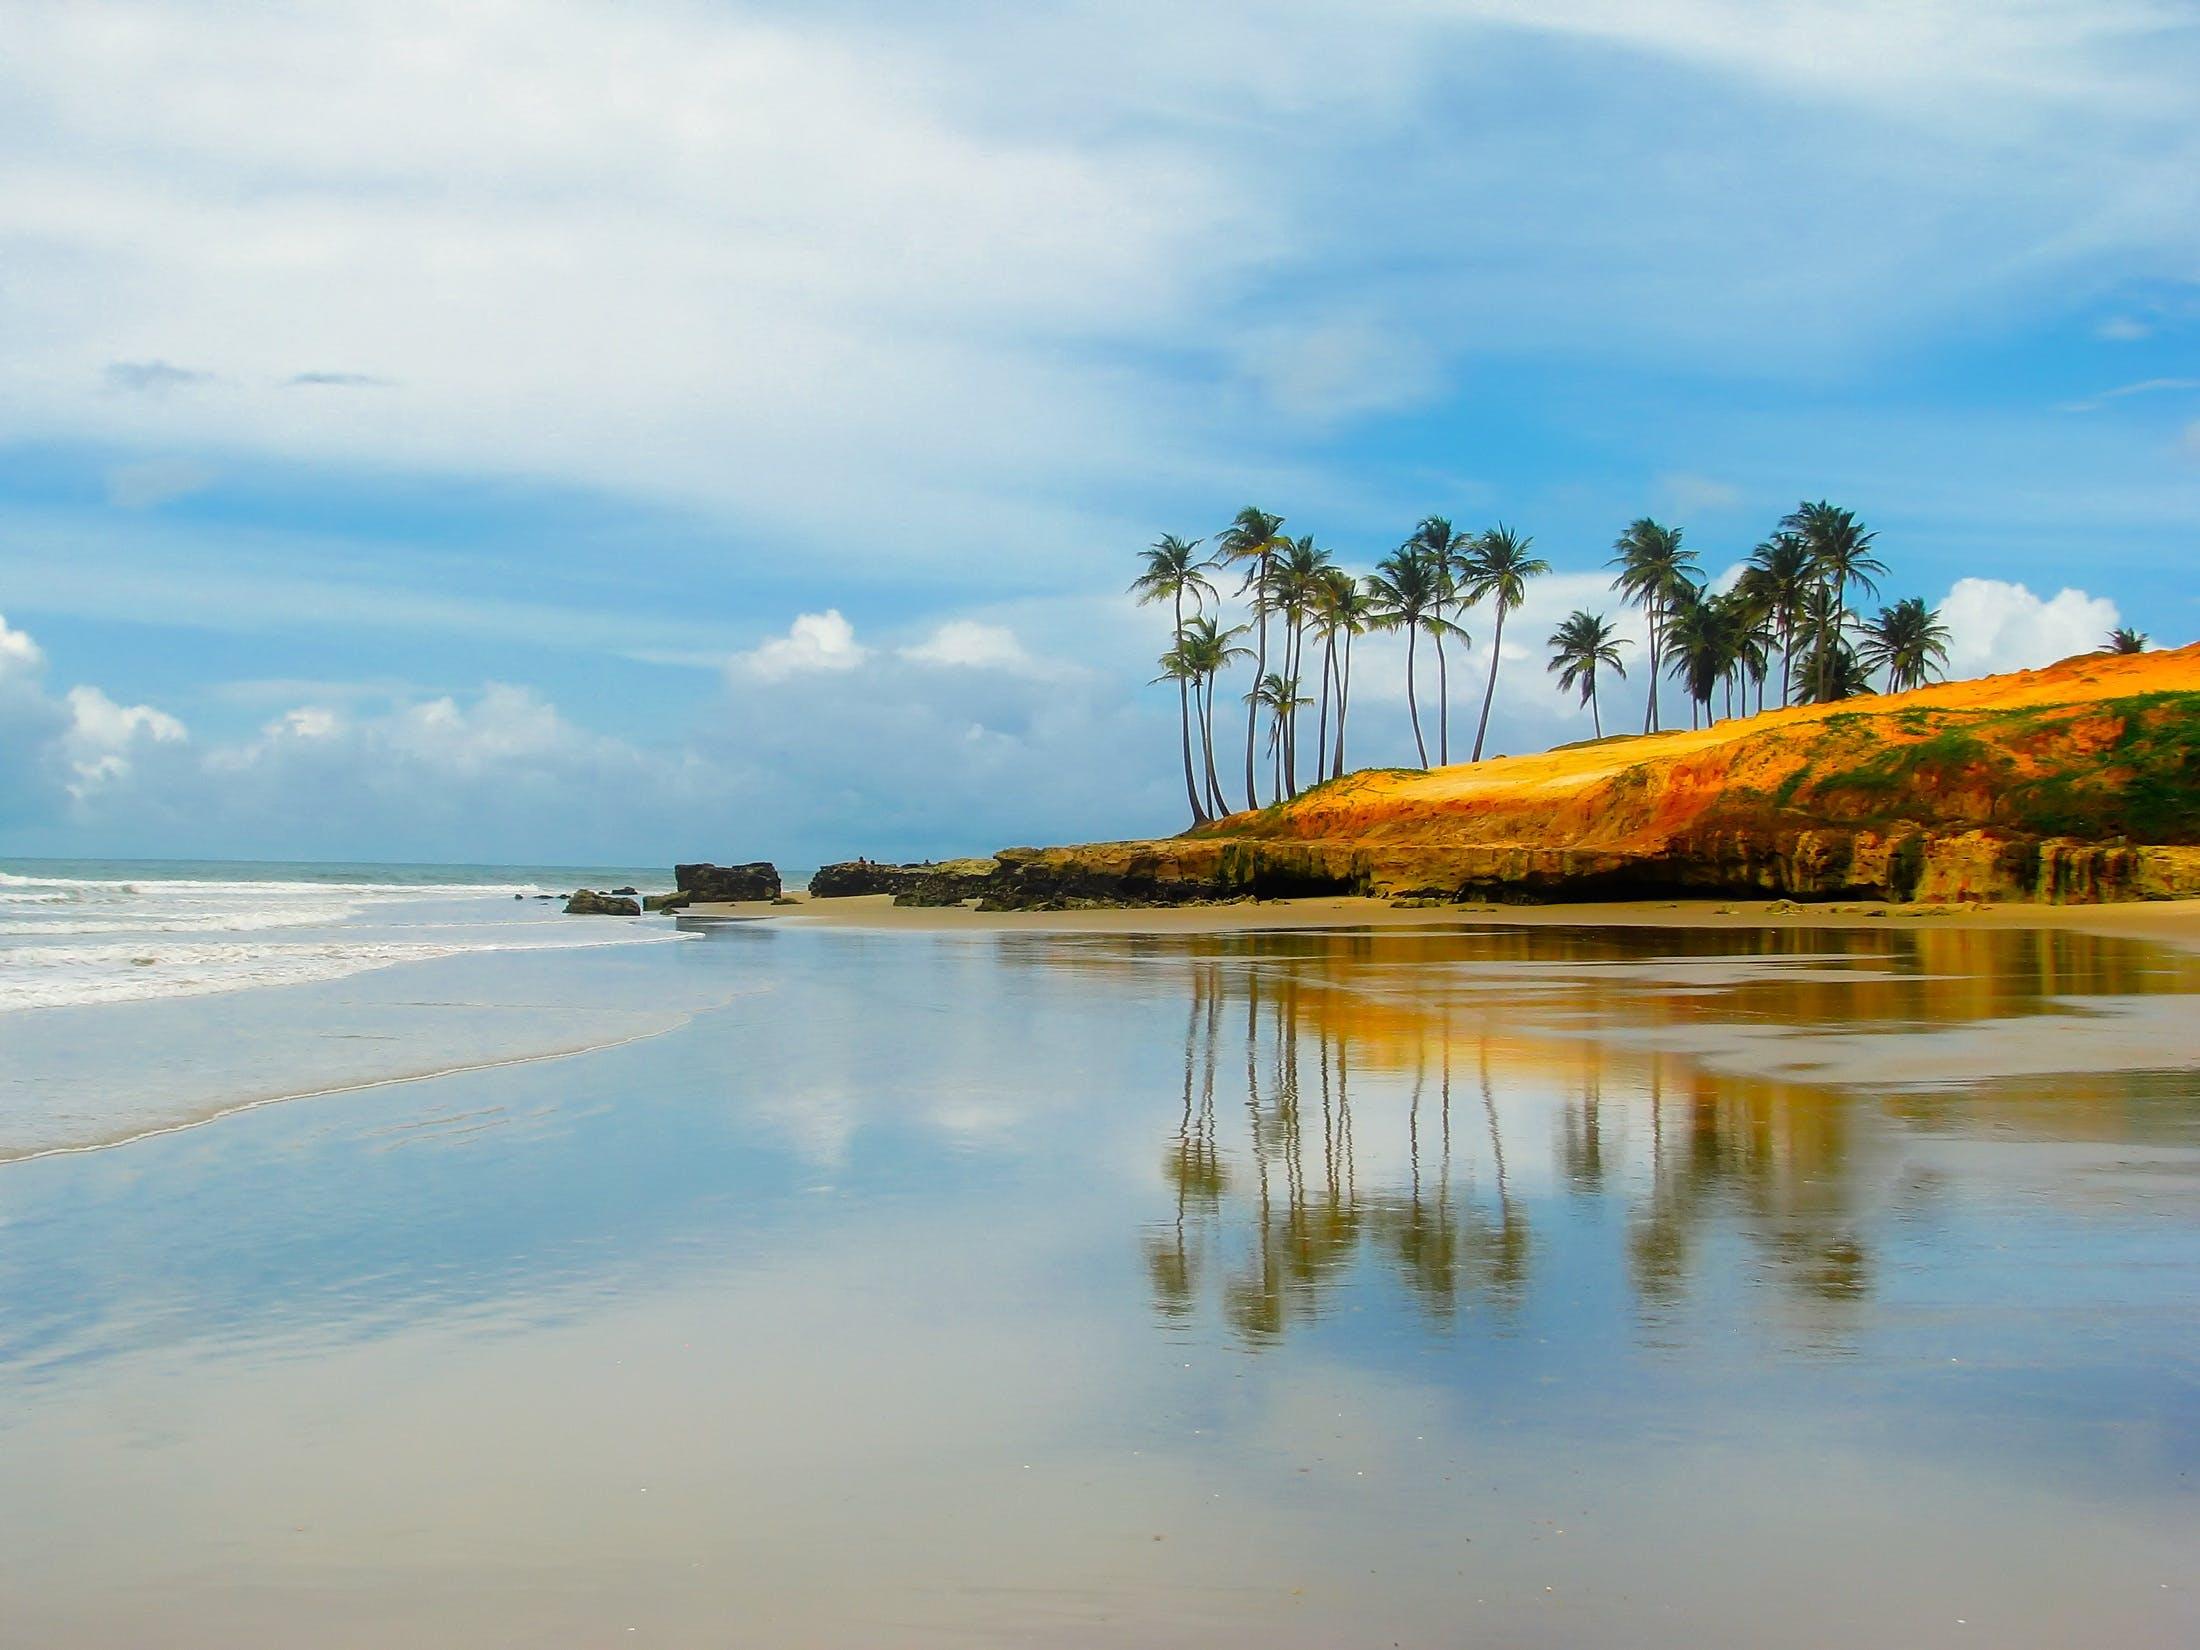 Free stock photo of sea, sky, beach, holiday